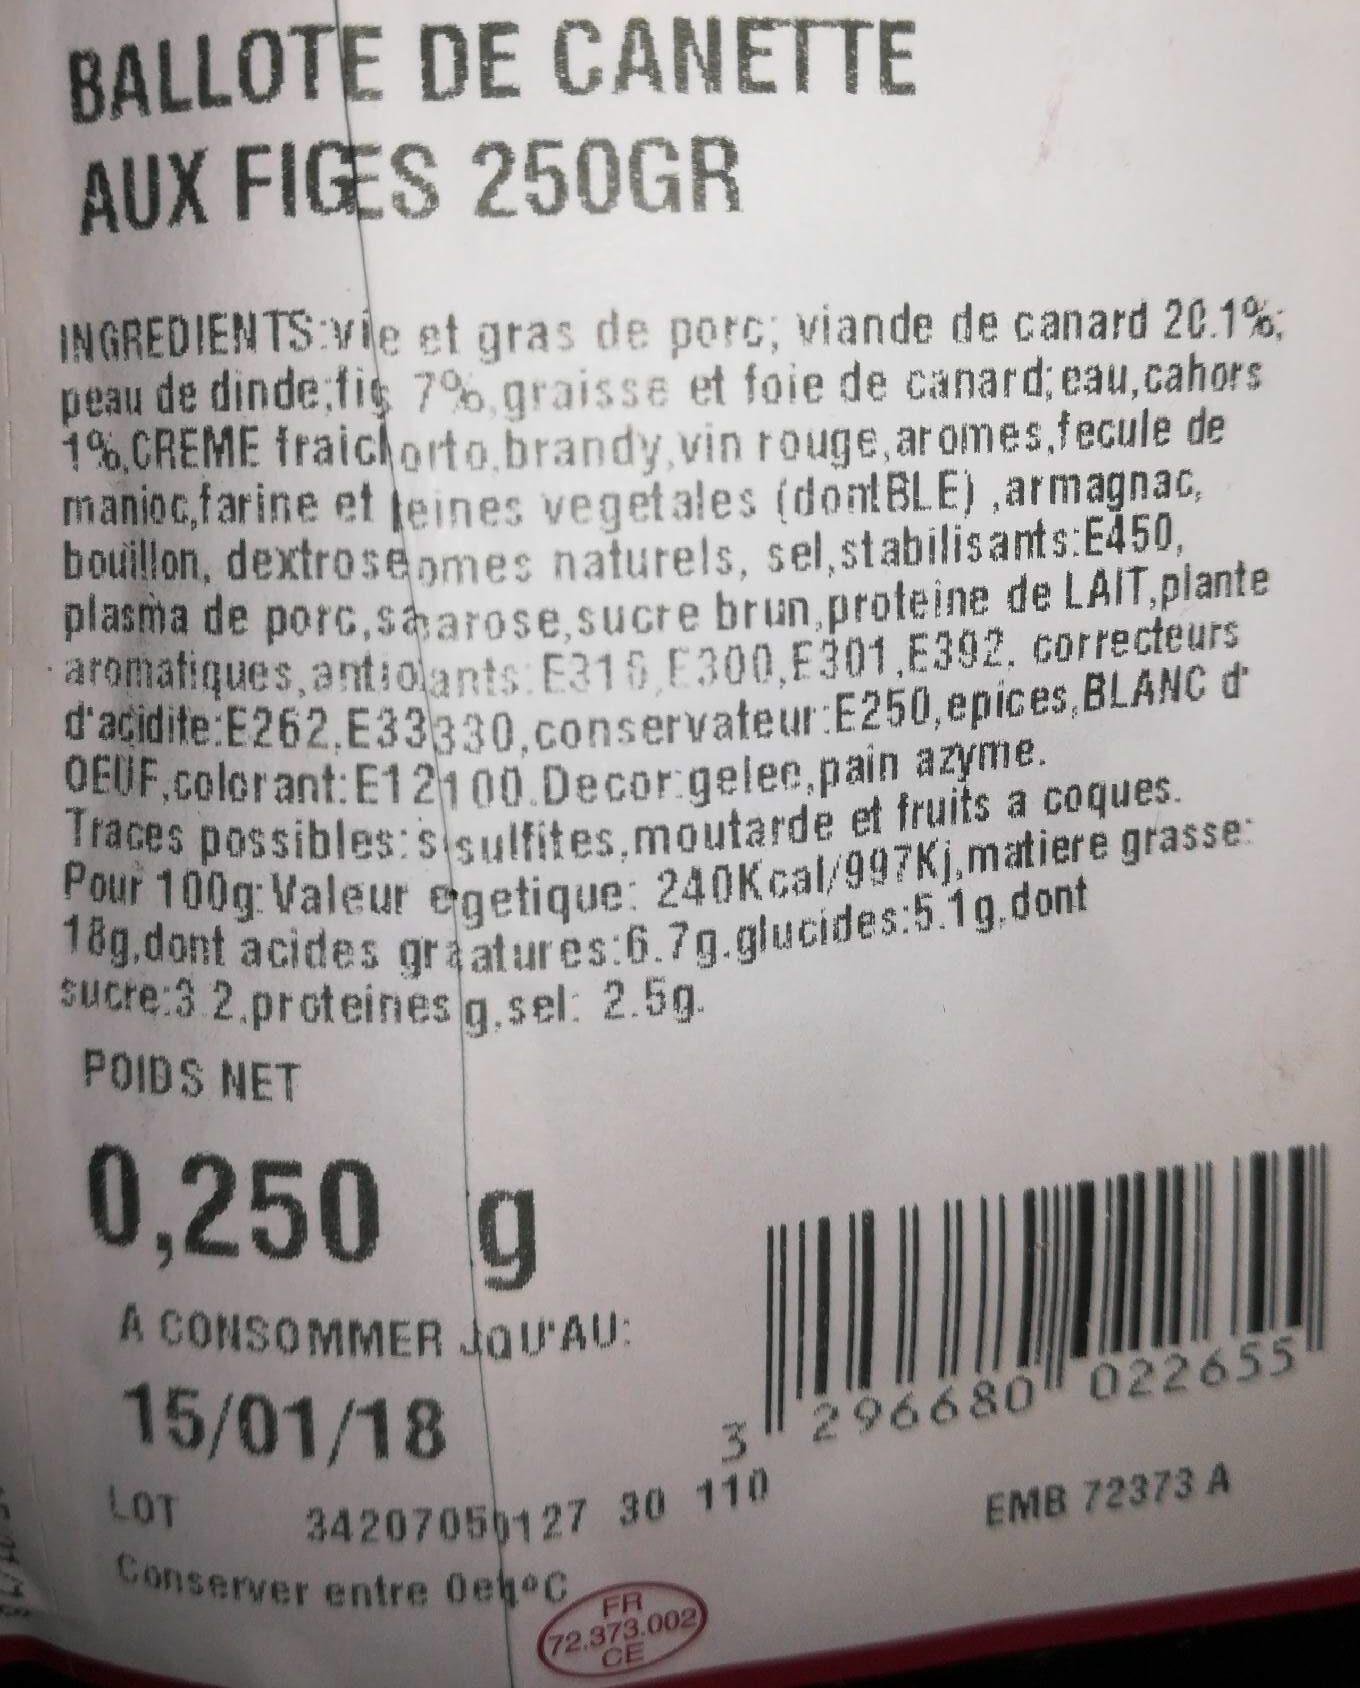 Ballotte de canette - Nutrition facts - fr